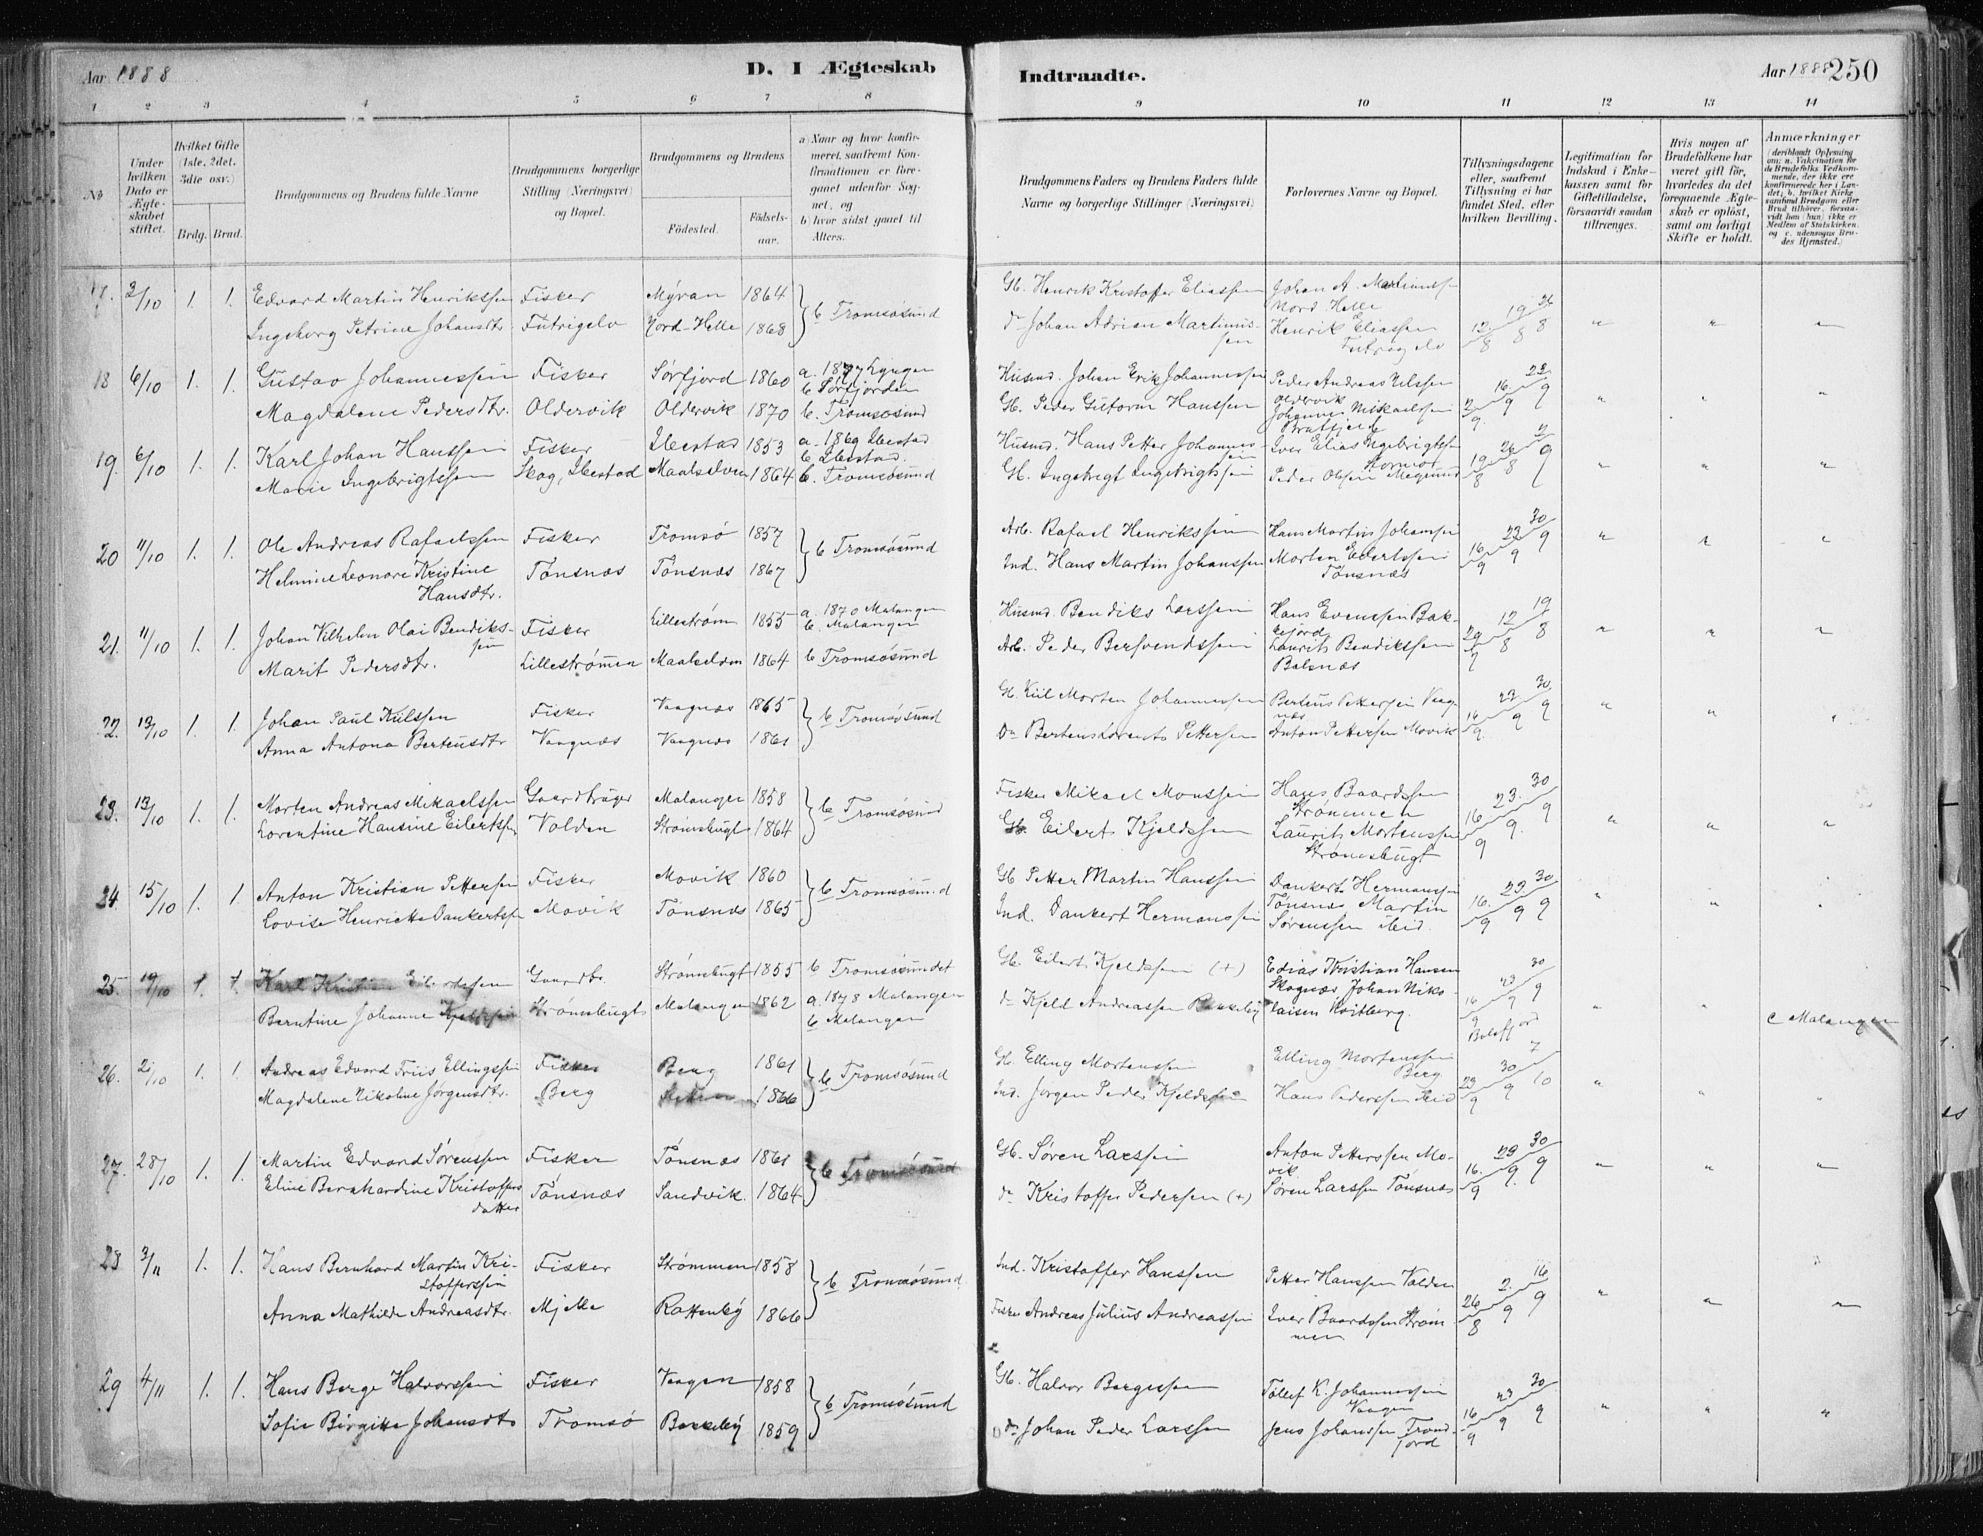 SATØ, Tromsøysund sokneprestkontor, G/Ga/L0005kirke: Ministerialbok nr. 5, 1888-1896, s. 250